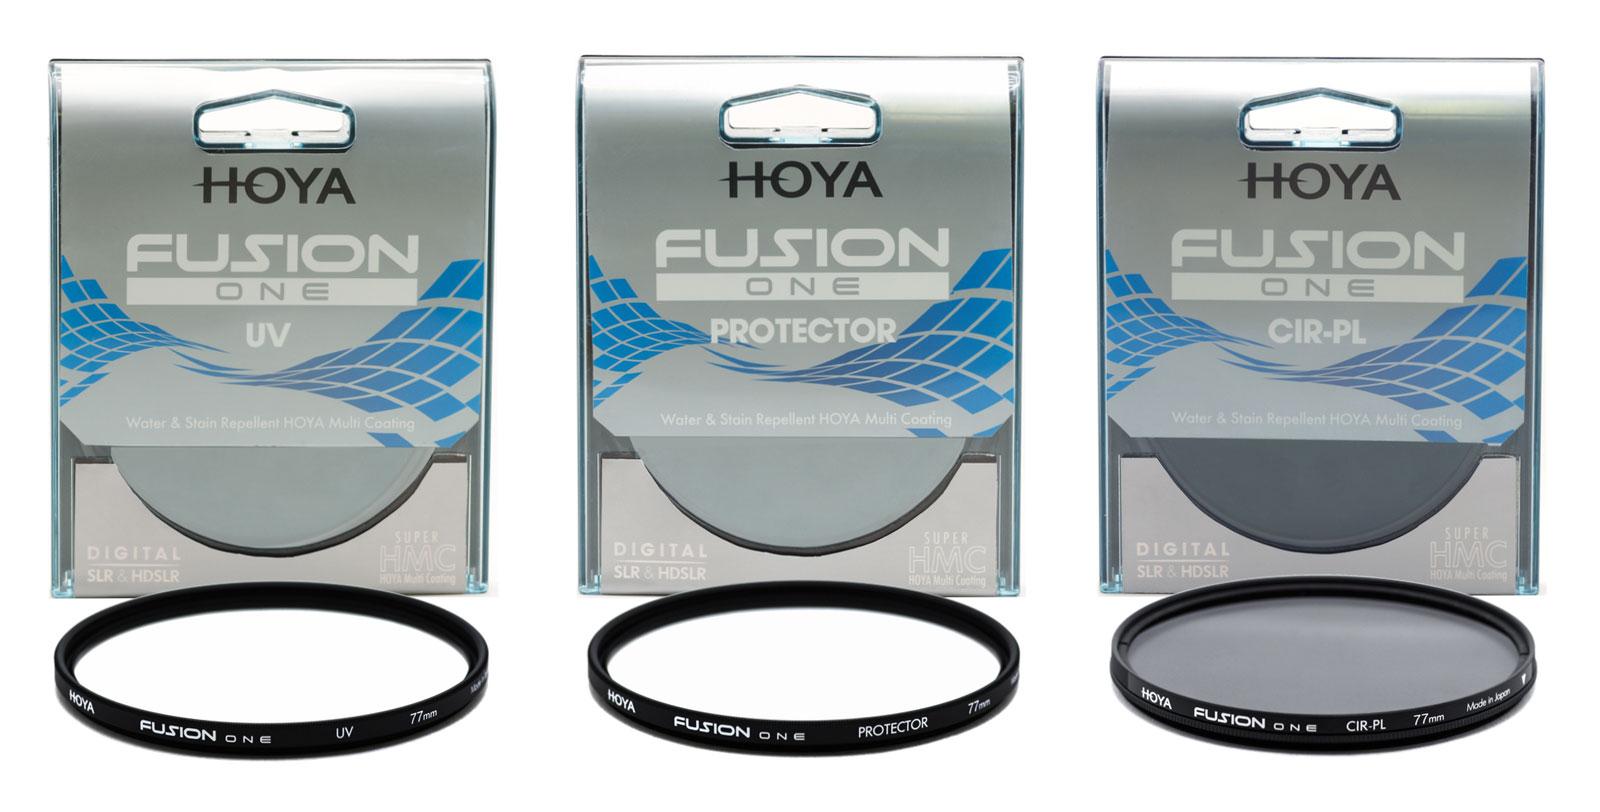 Hoya Fusion One